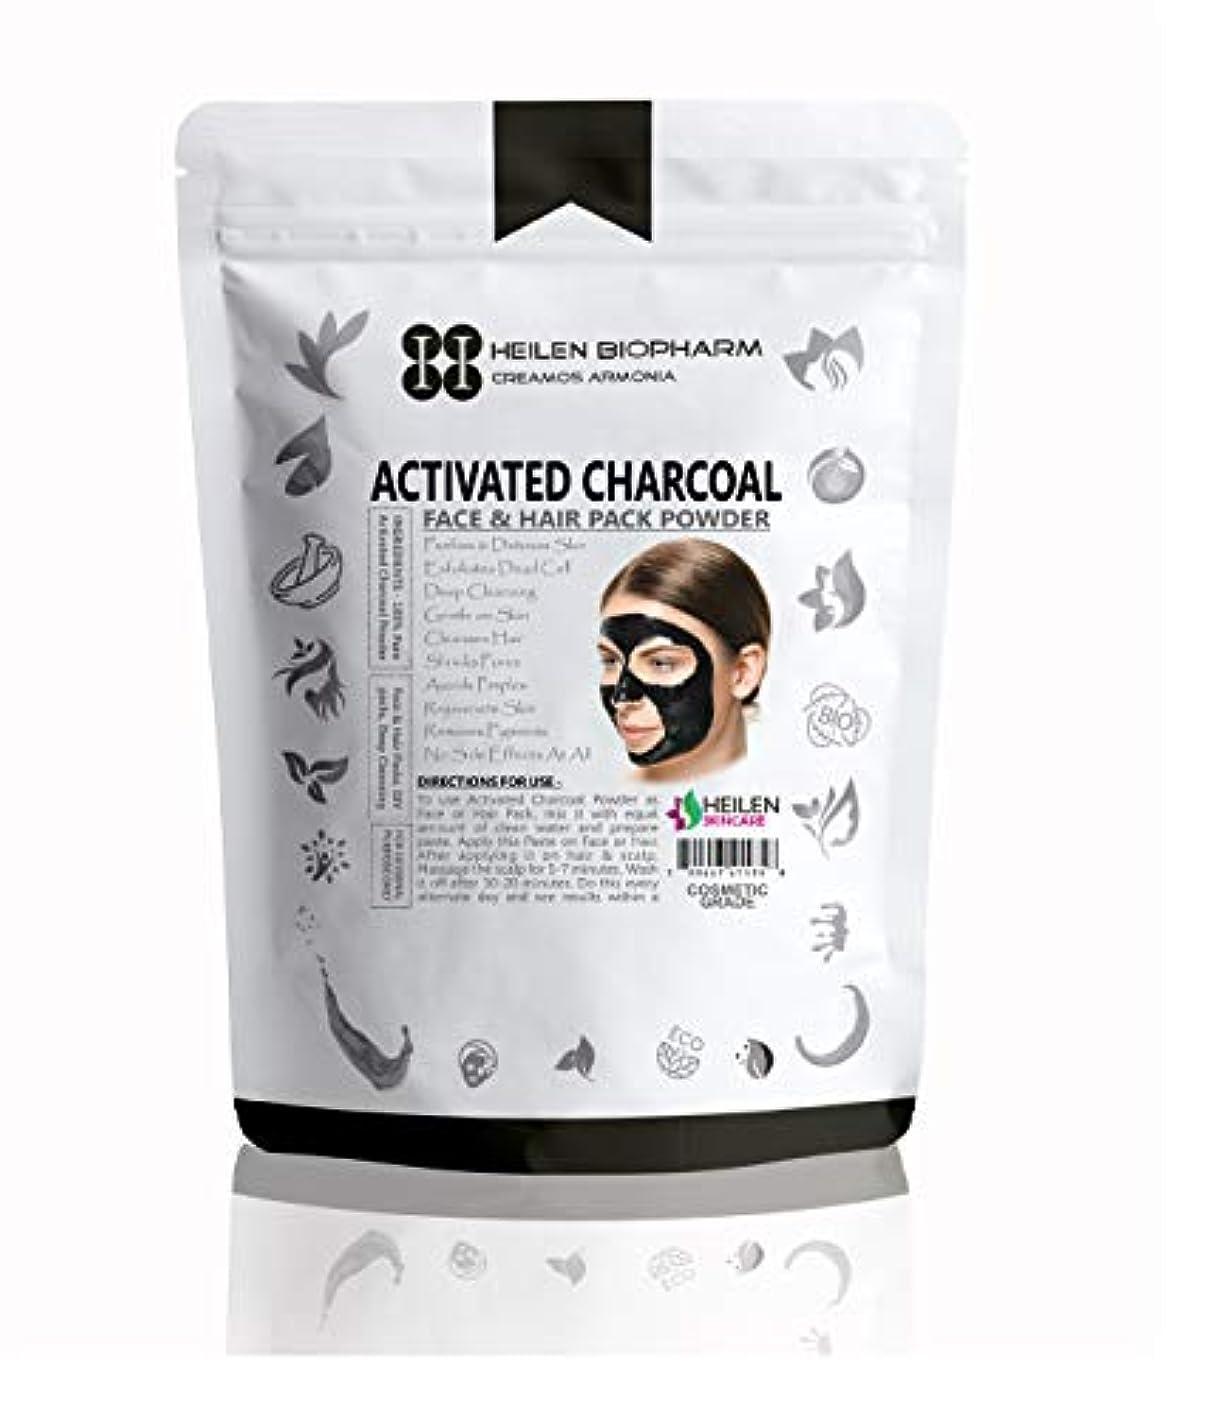 クリックシュガーサイクル活性化チャコールパウダー(フェイスパック用)(Activated Charcoal Powder for Face Pack) (200 gm / 7 oz / 0.44 lb)